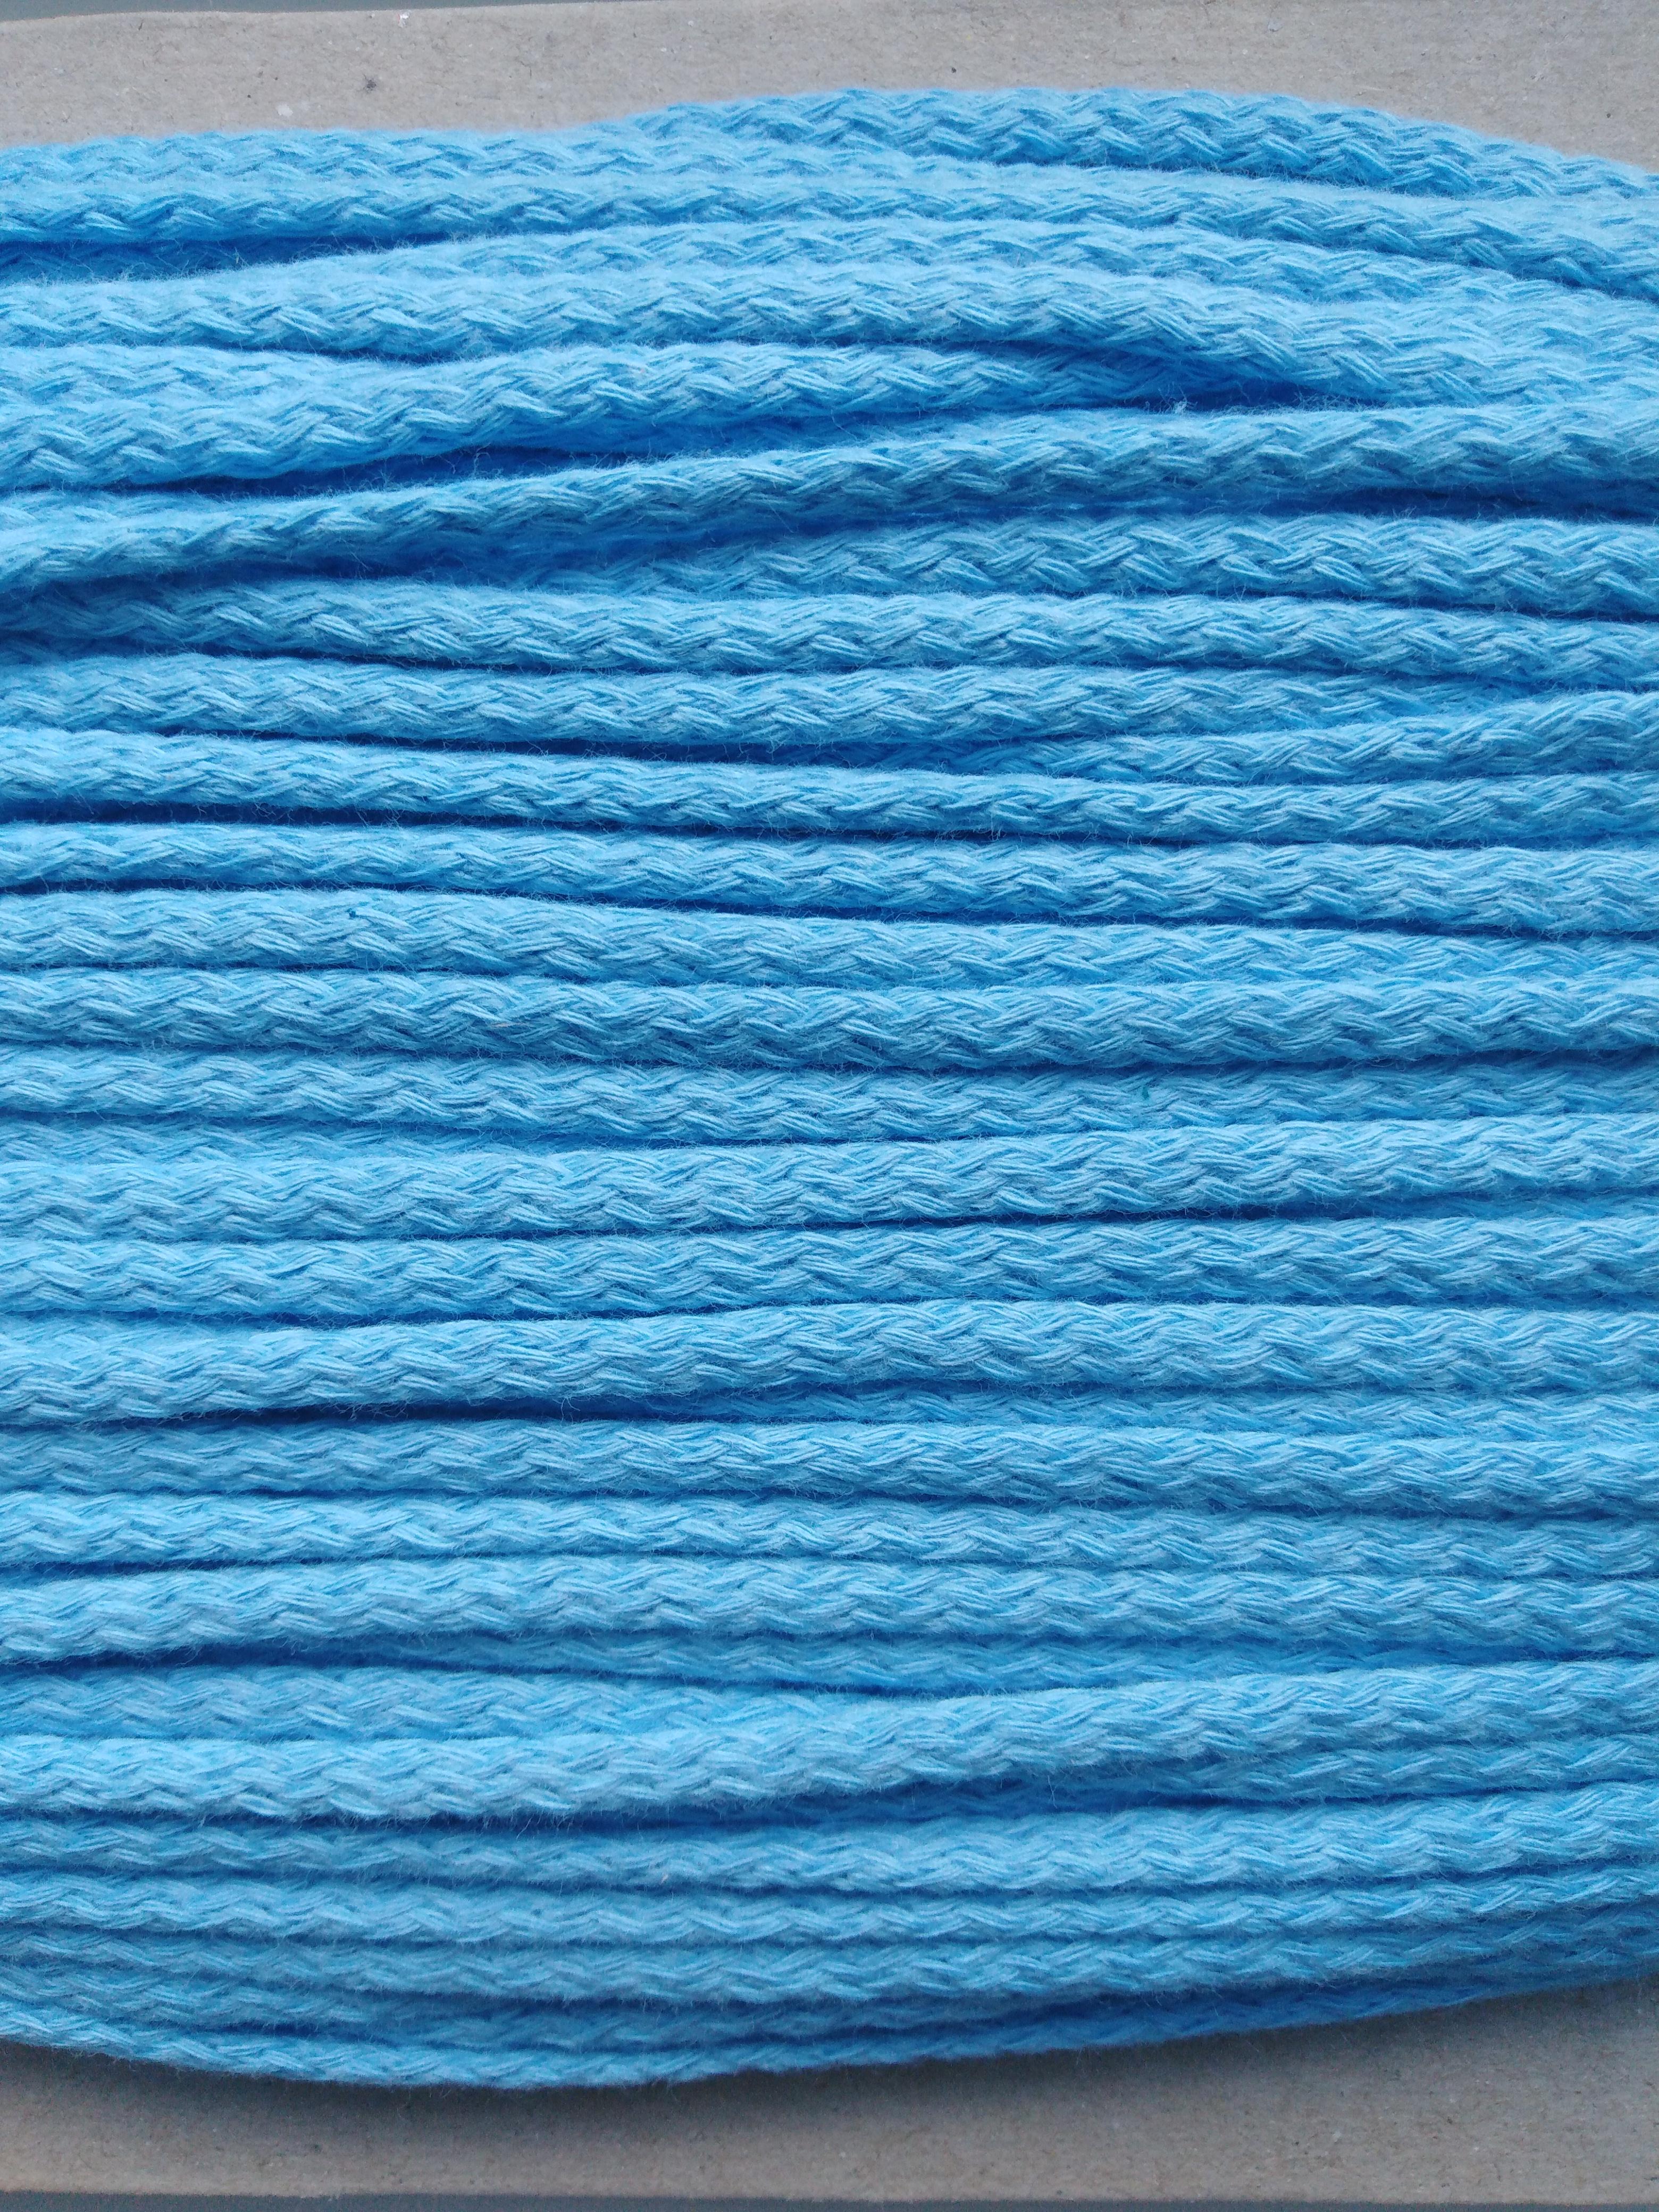 Šňůra oděvní bavlněná 4 mm světle modrá